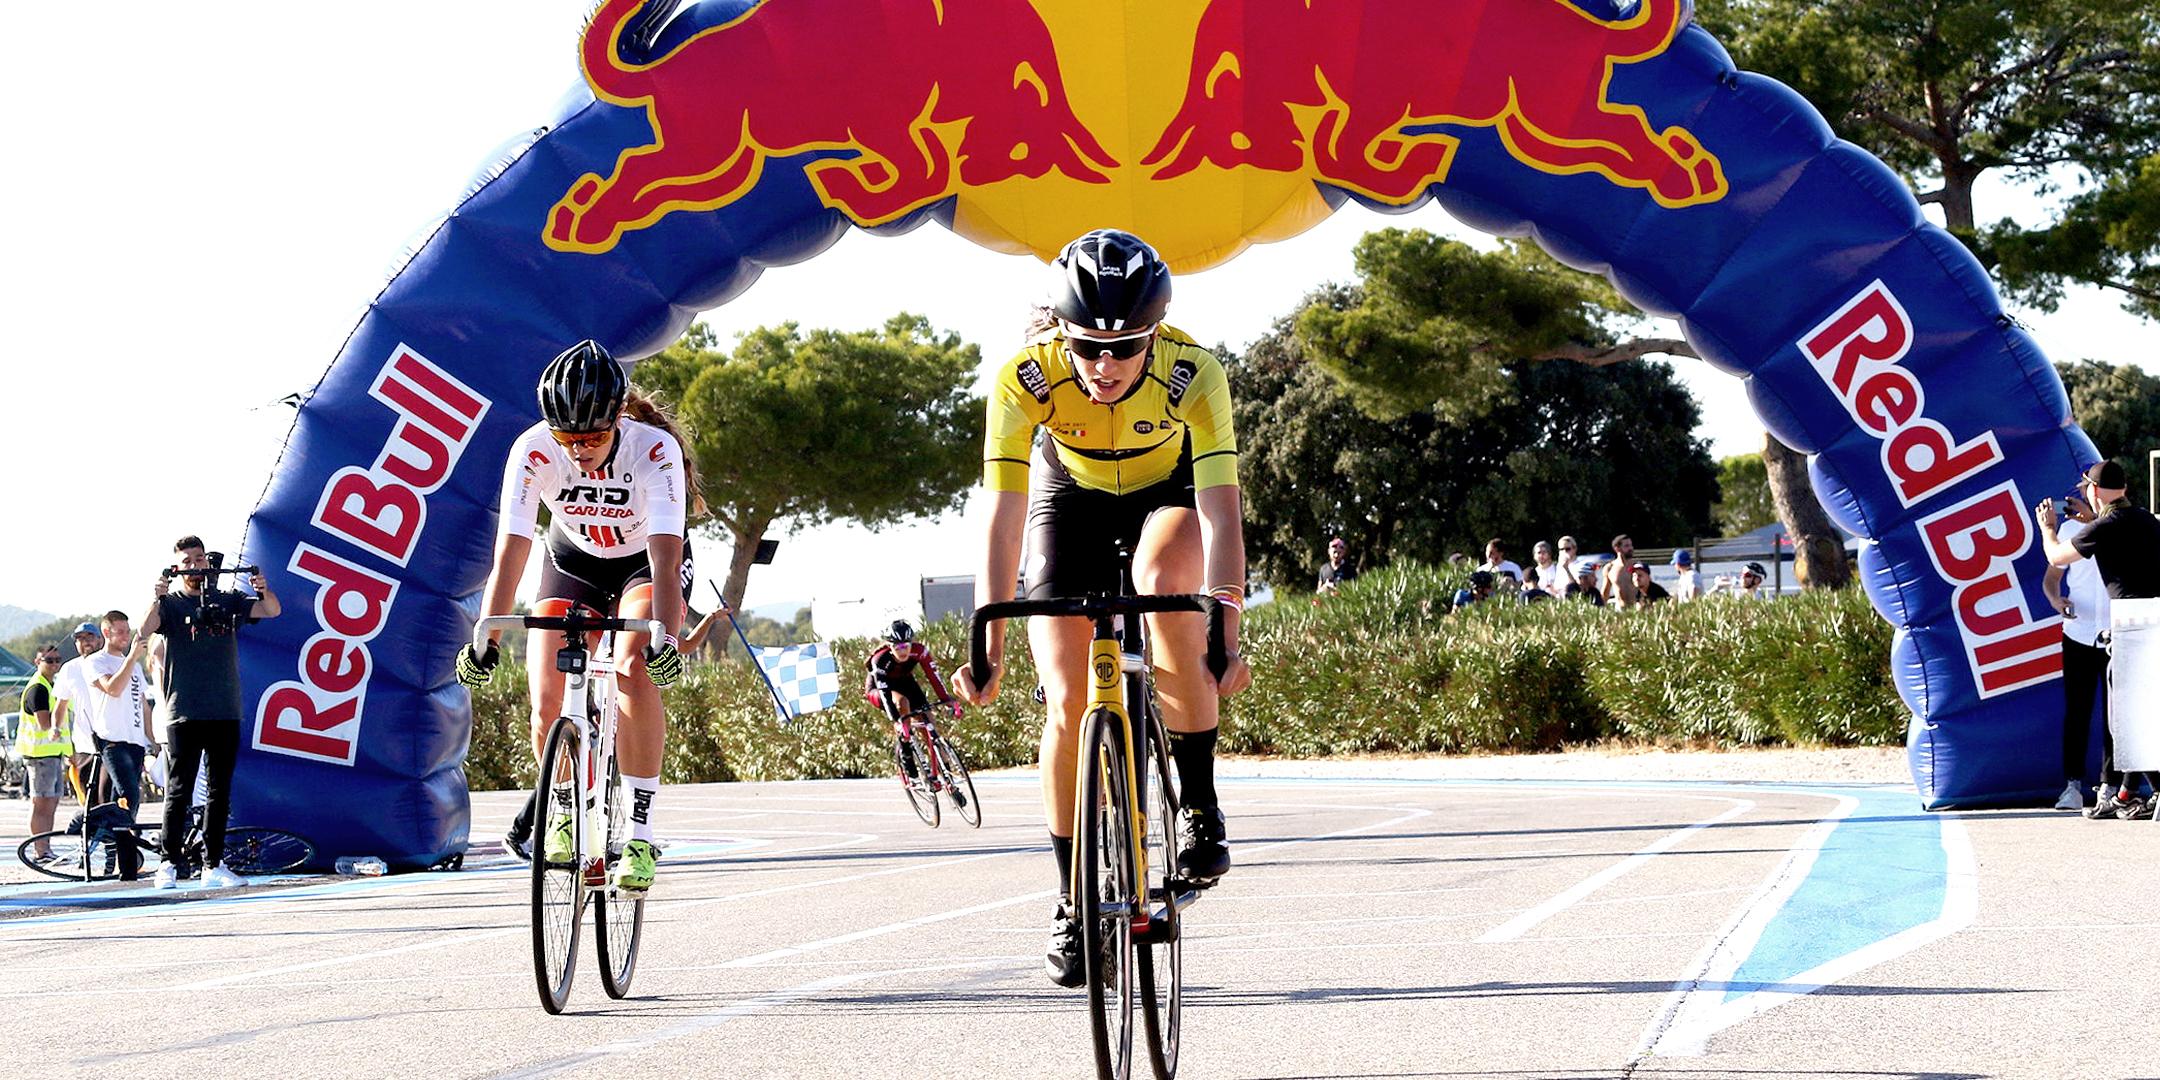 Cyclistes en train de passer sous une arche gonflable Red Bull géante